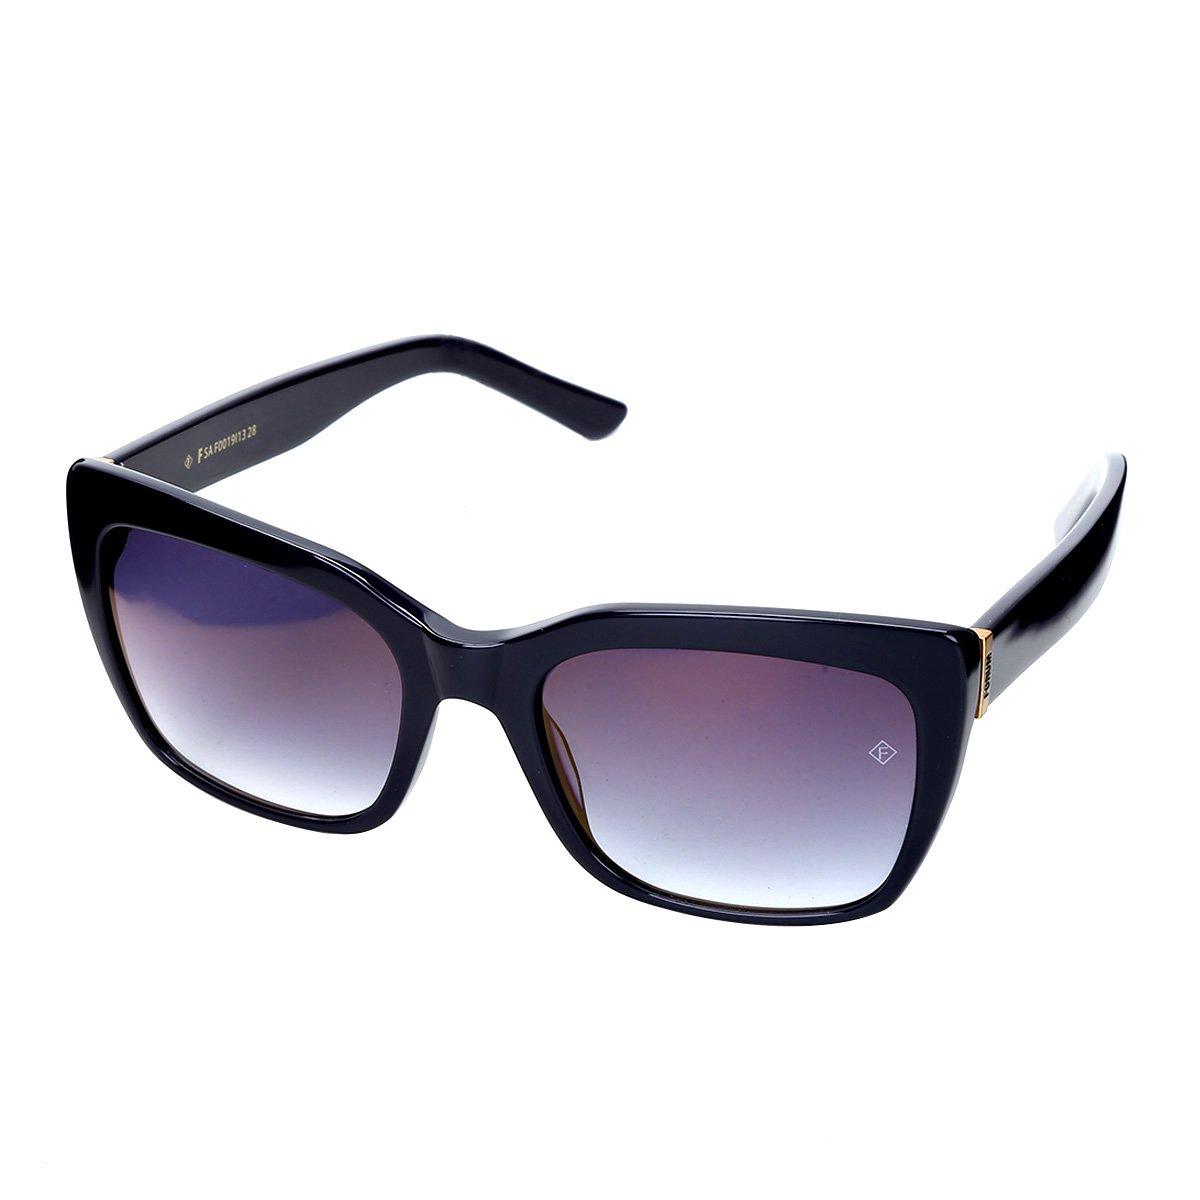 Óculos de Sol Forum F0019 Quadrado Feminino - Compre Agora   Netshoes 6ad2315320